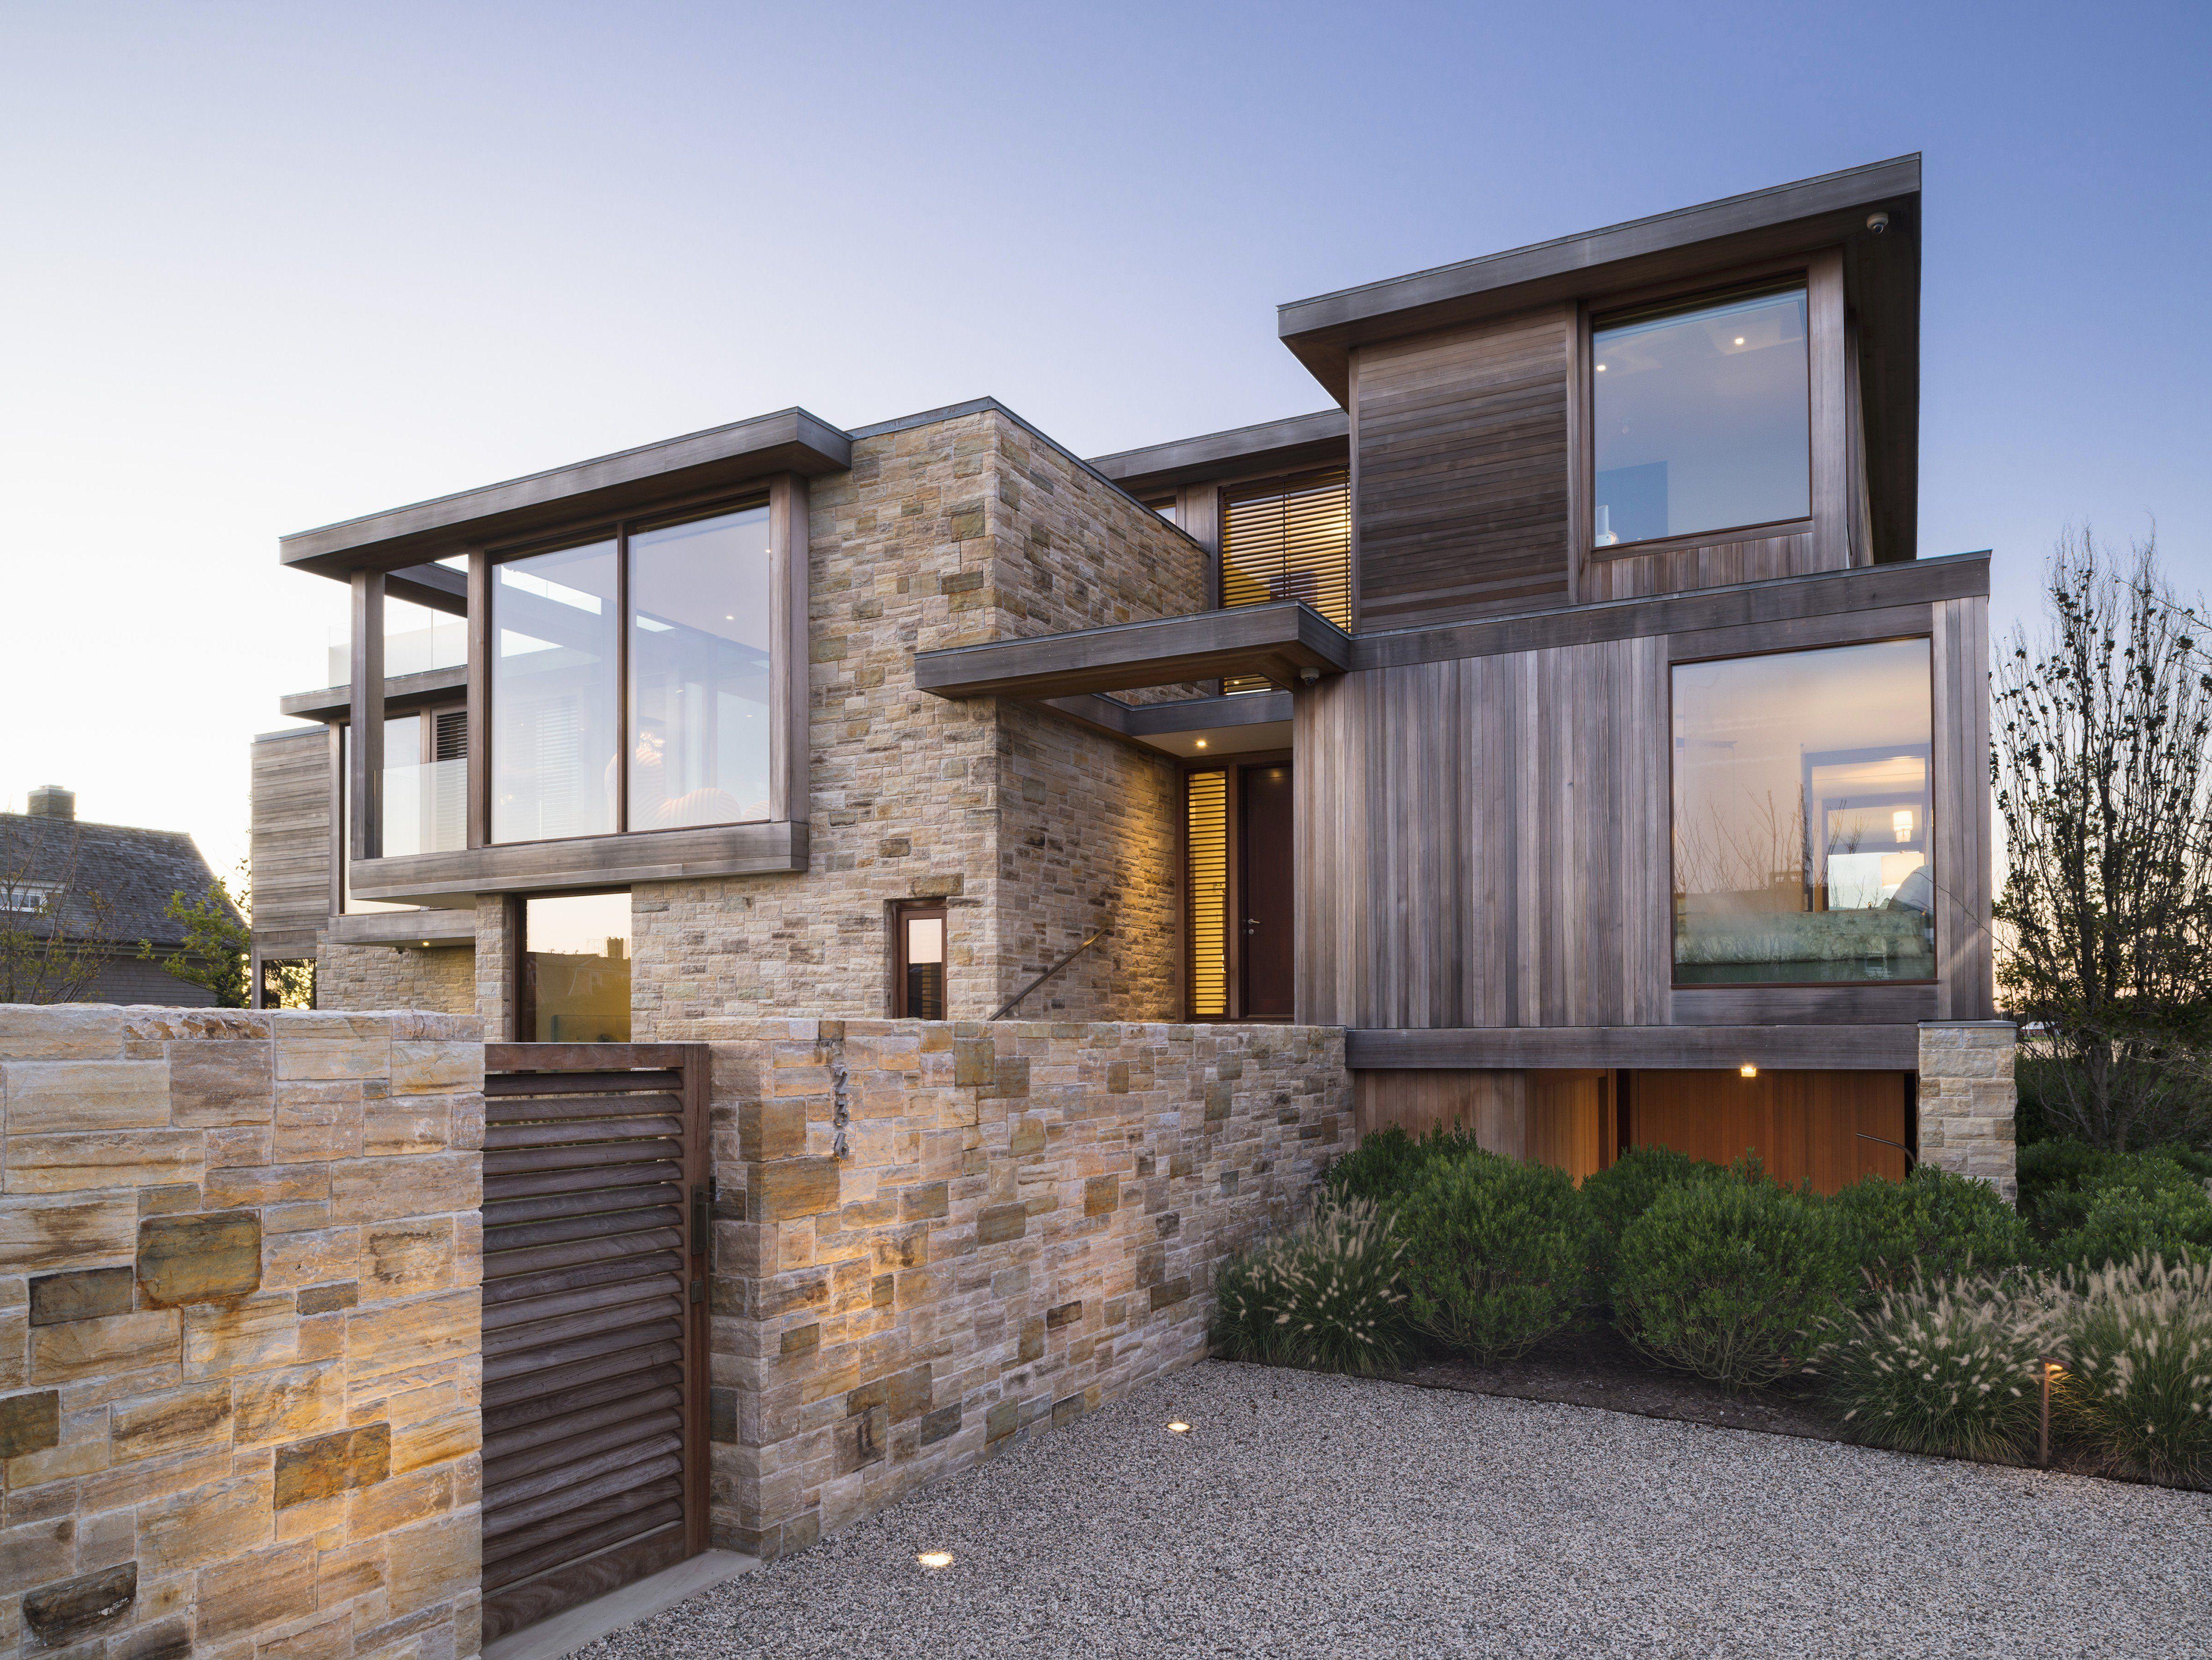 Ein Haus mit verschachtelter Fassade aus Stein, Holz und